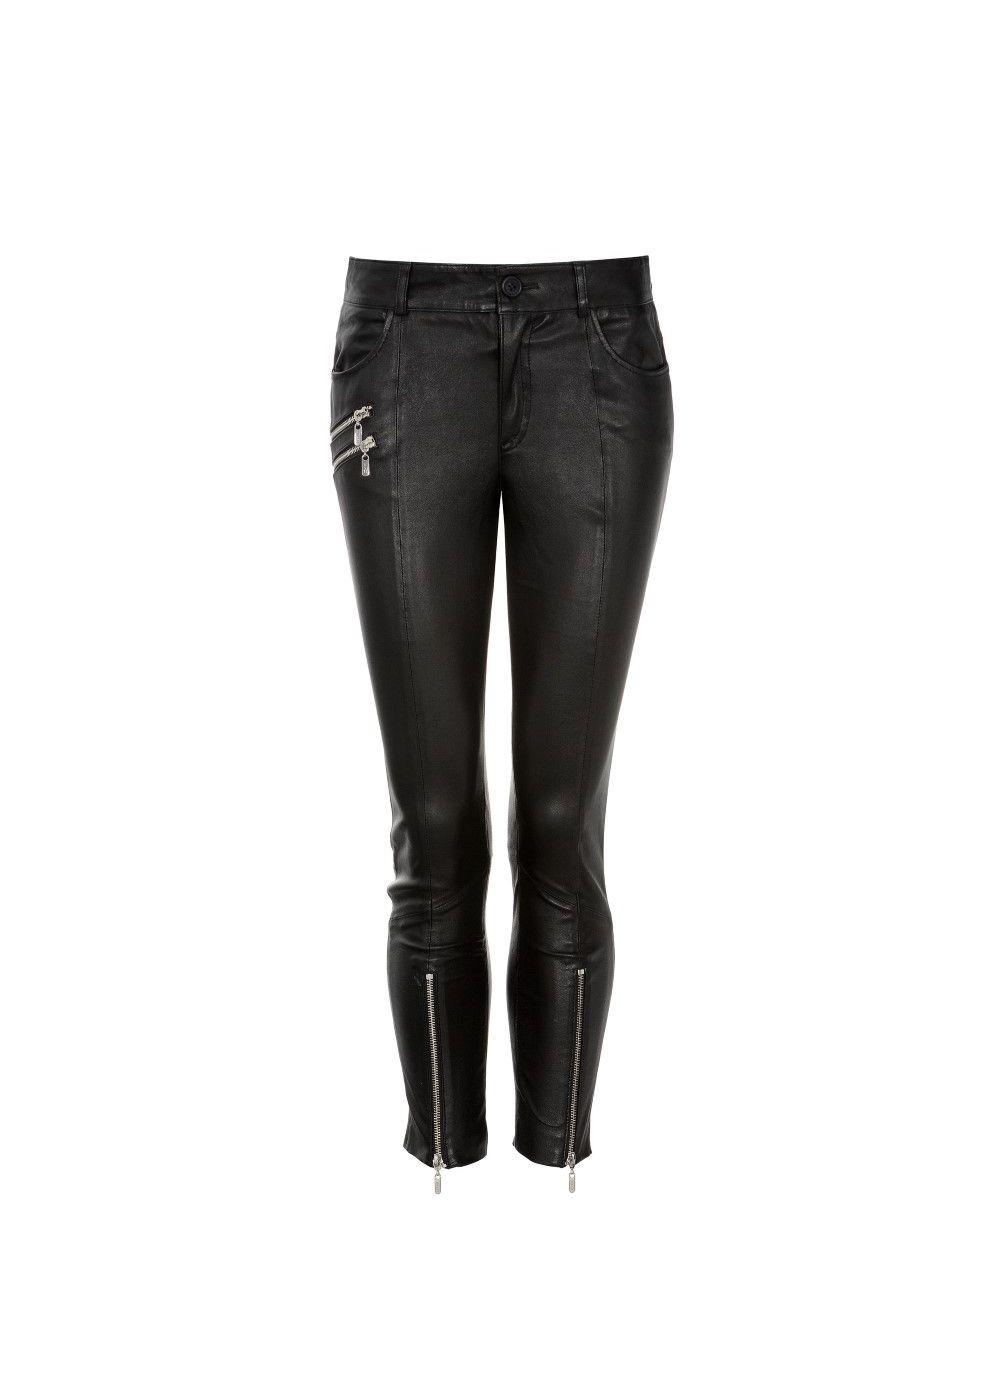 Spodnie damskie SPODS-0006-4249(W18)